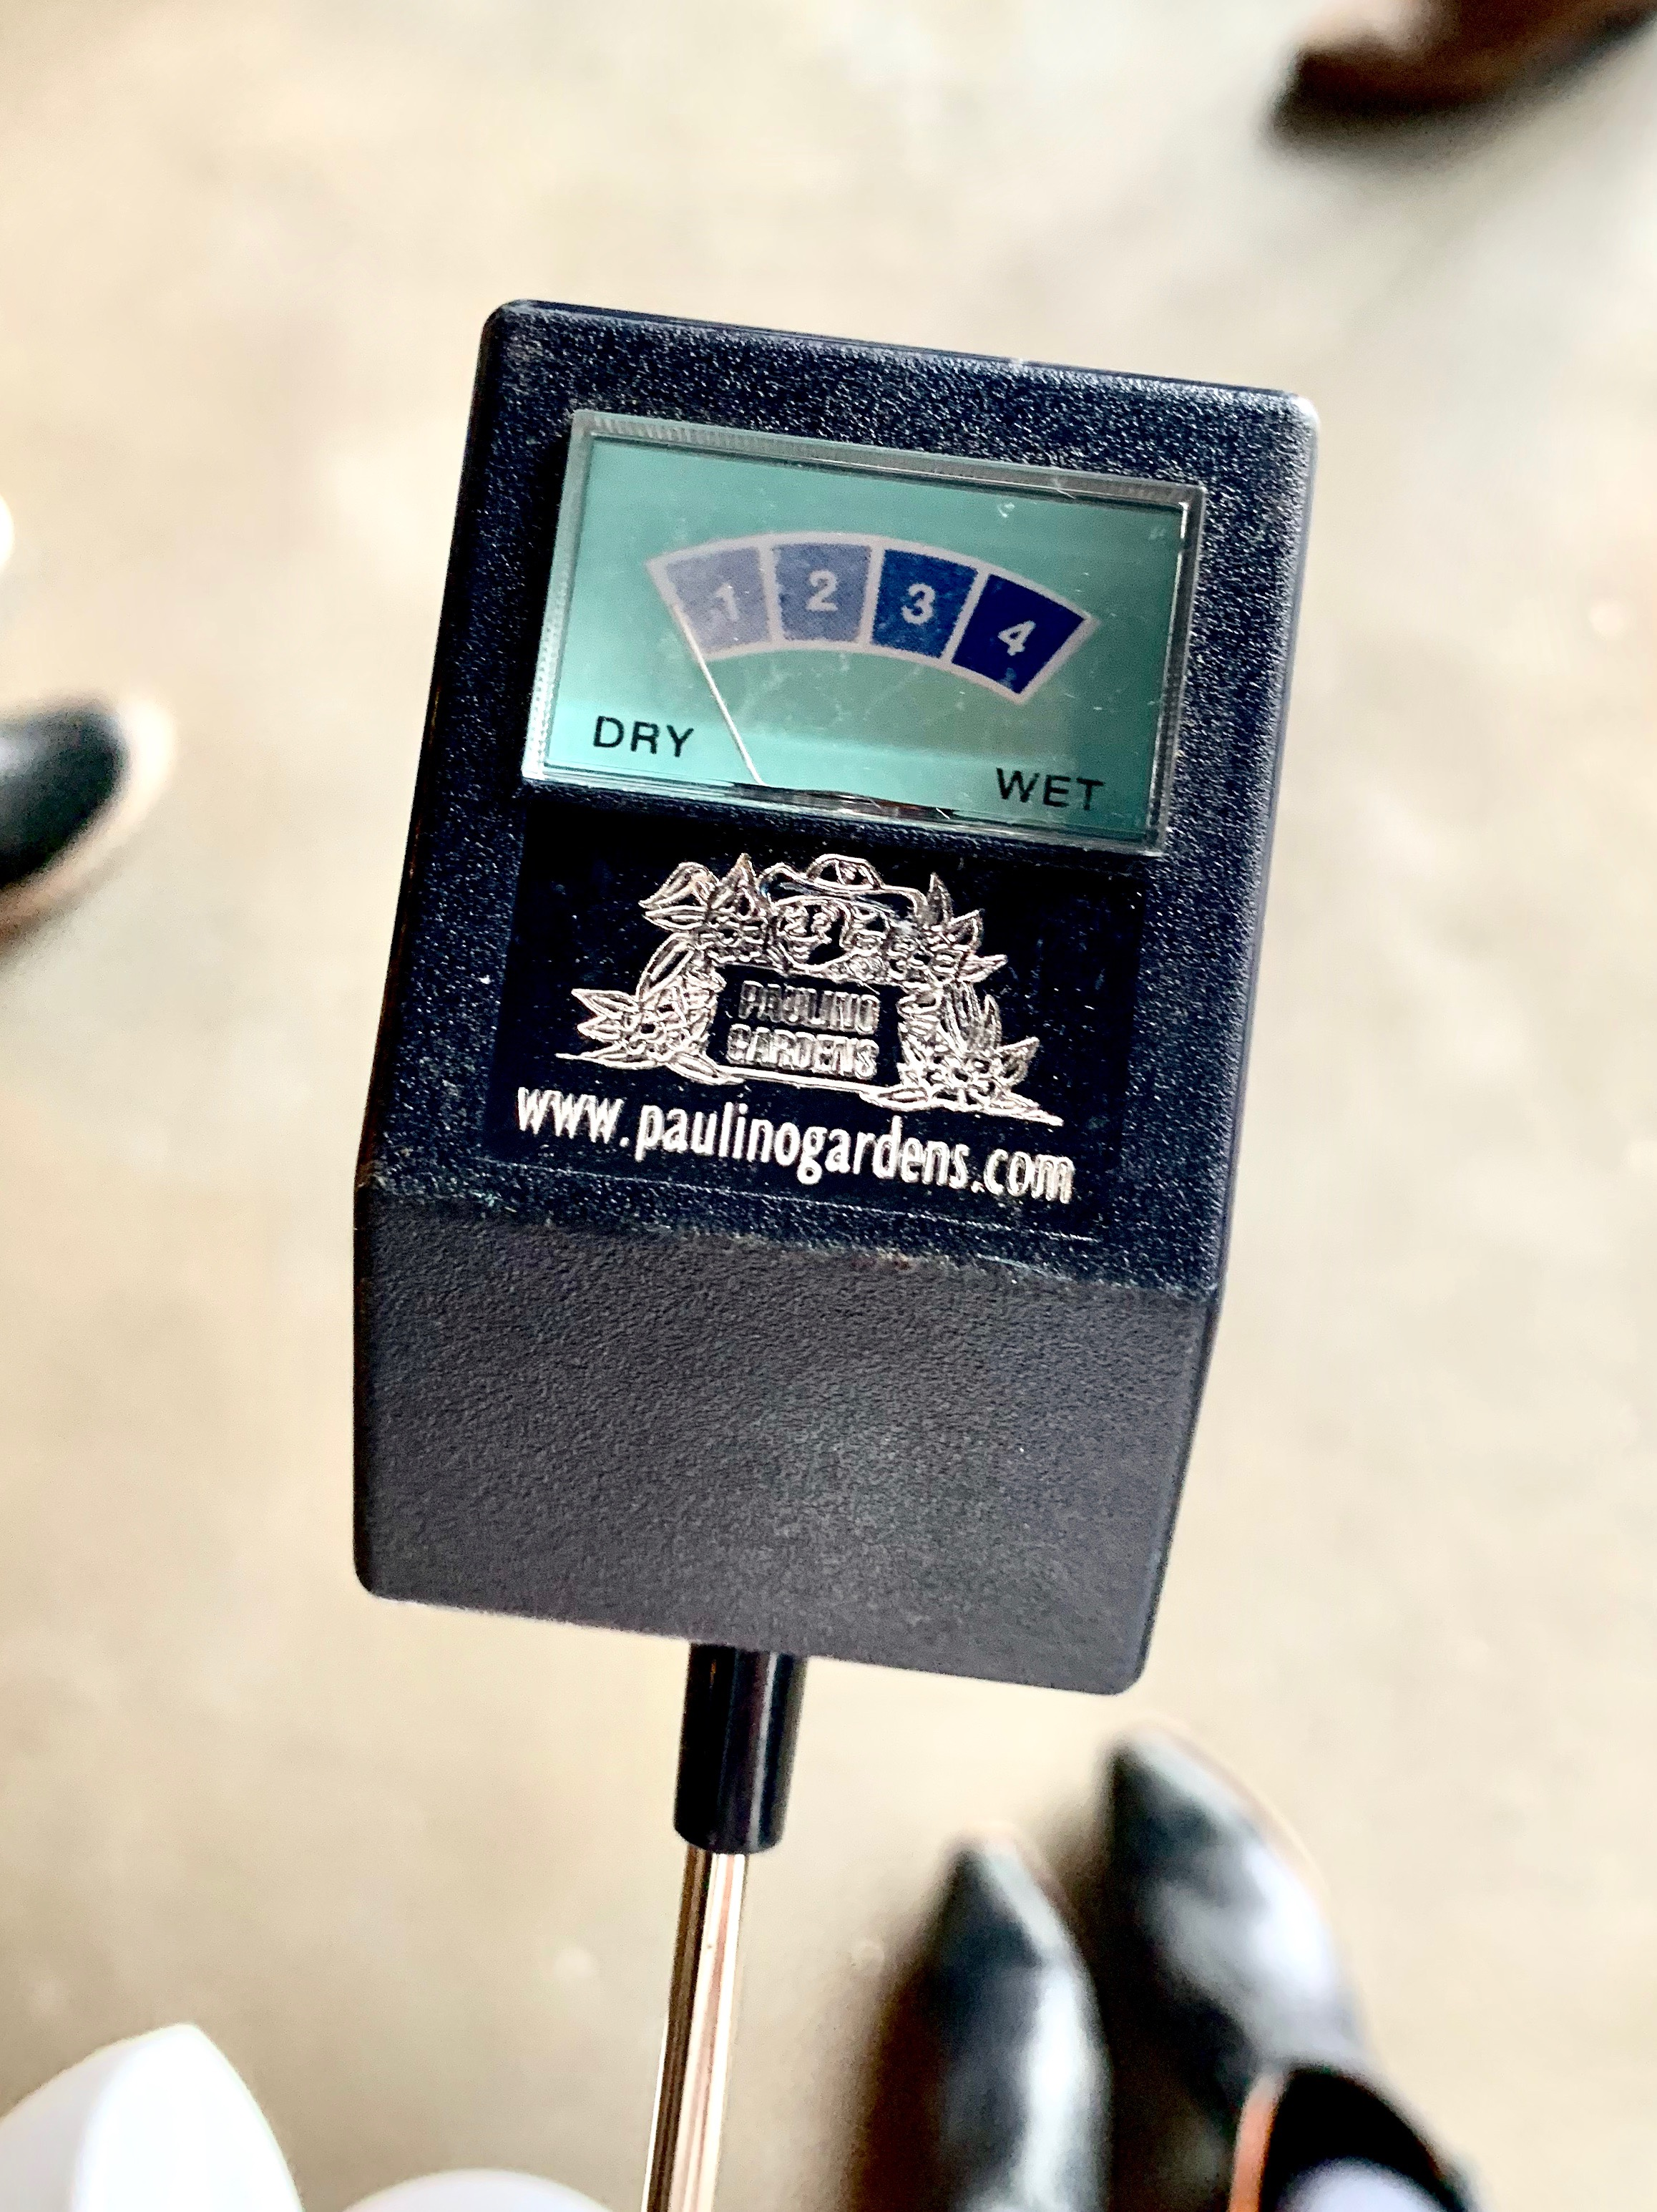 Consider using a moisture meter!